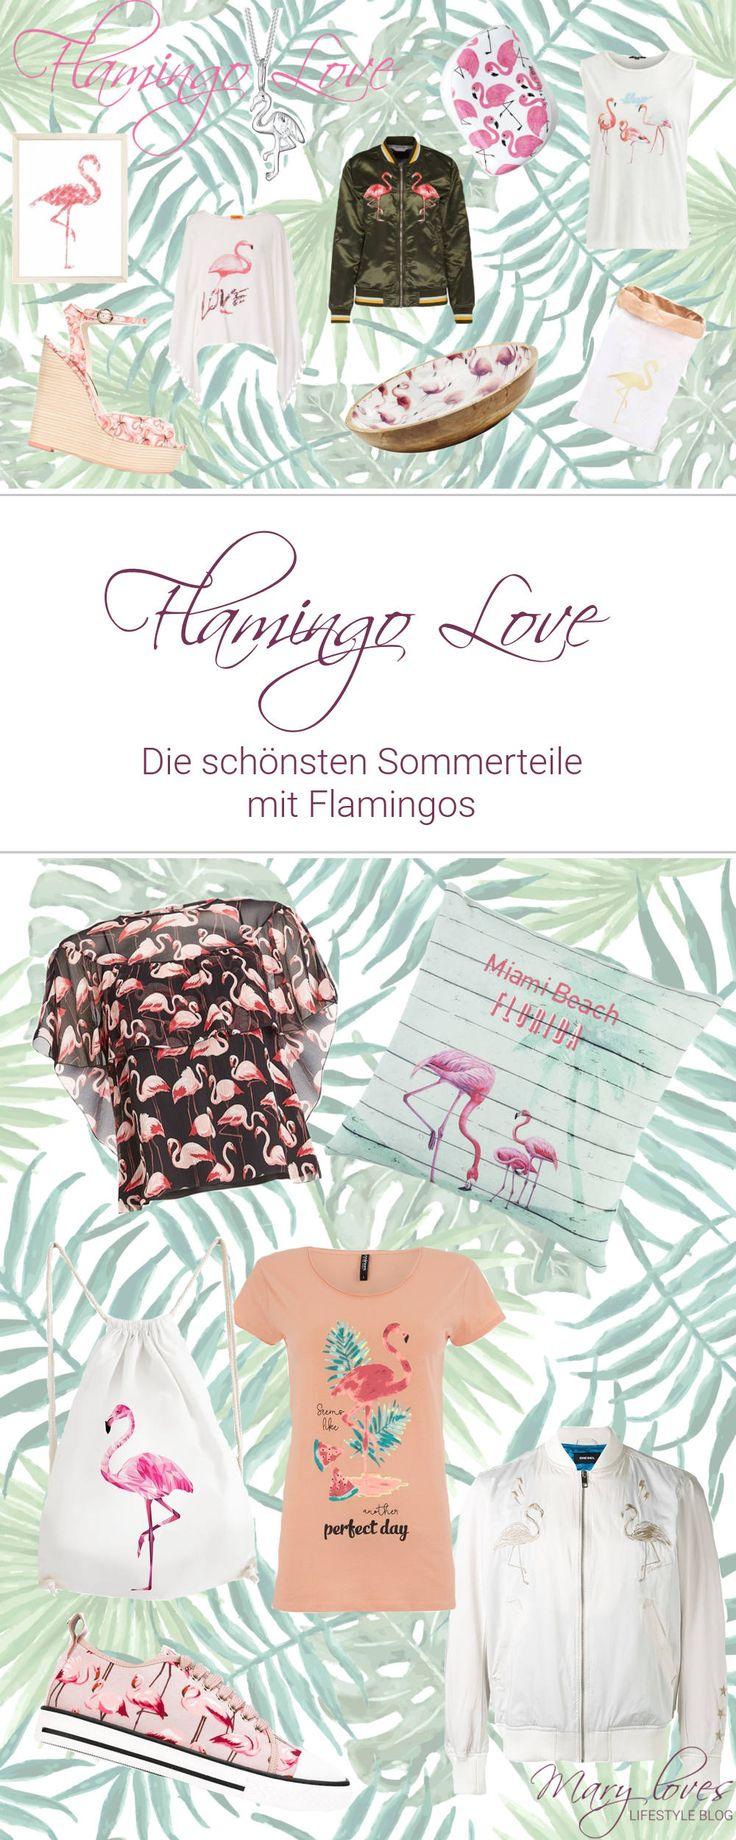 Flamingo Love - Die schönsten Sommerteile mit Flamingos - Editor's Picks mit Flamingos